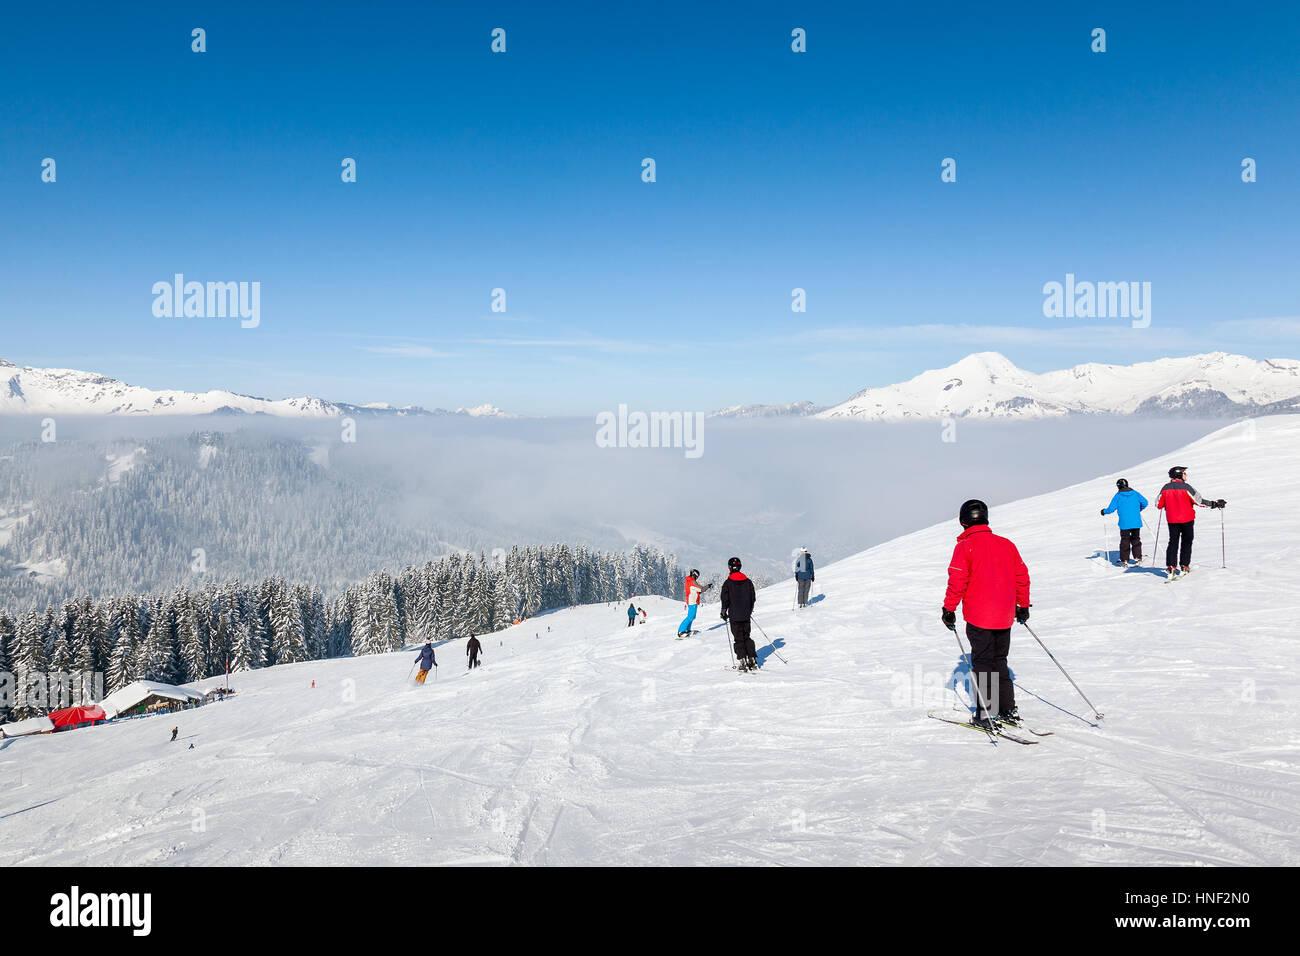 MORZINE, Francia - Febbraio 07, 2015: gli sciatori e gli snowboarder su La Combe pedana in Morzine resort, parte Immagini Stock